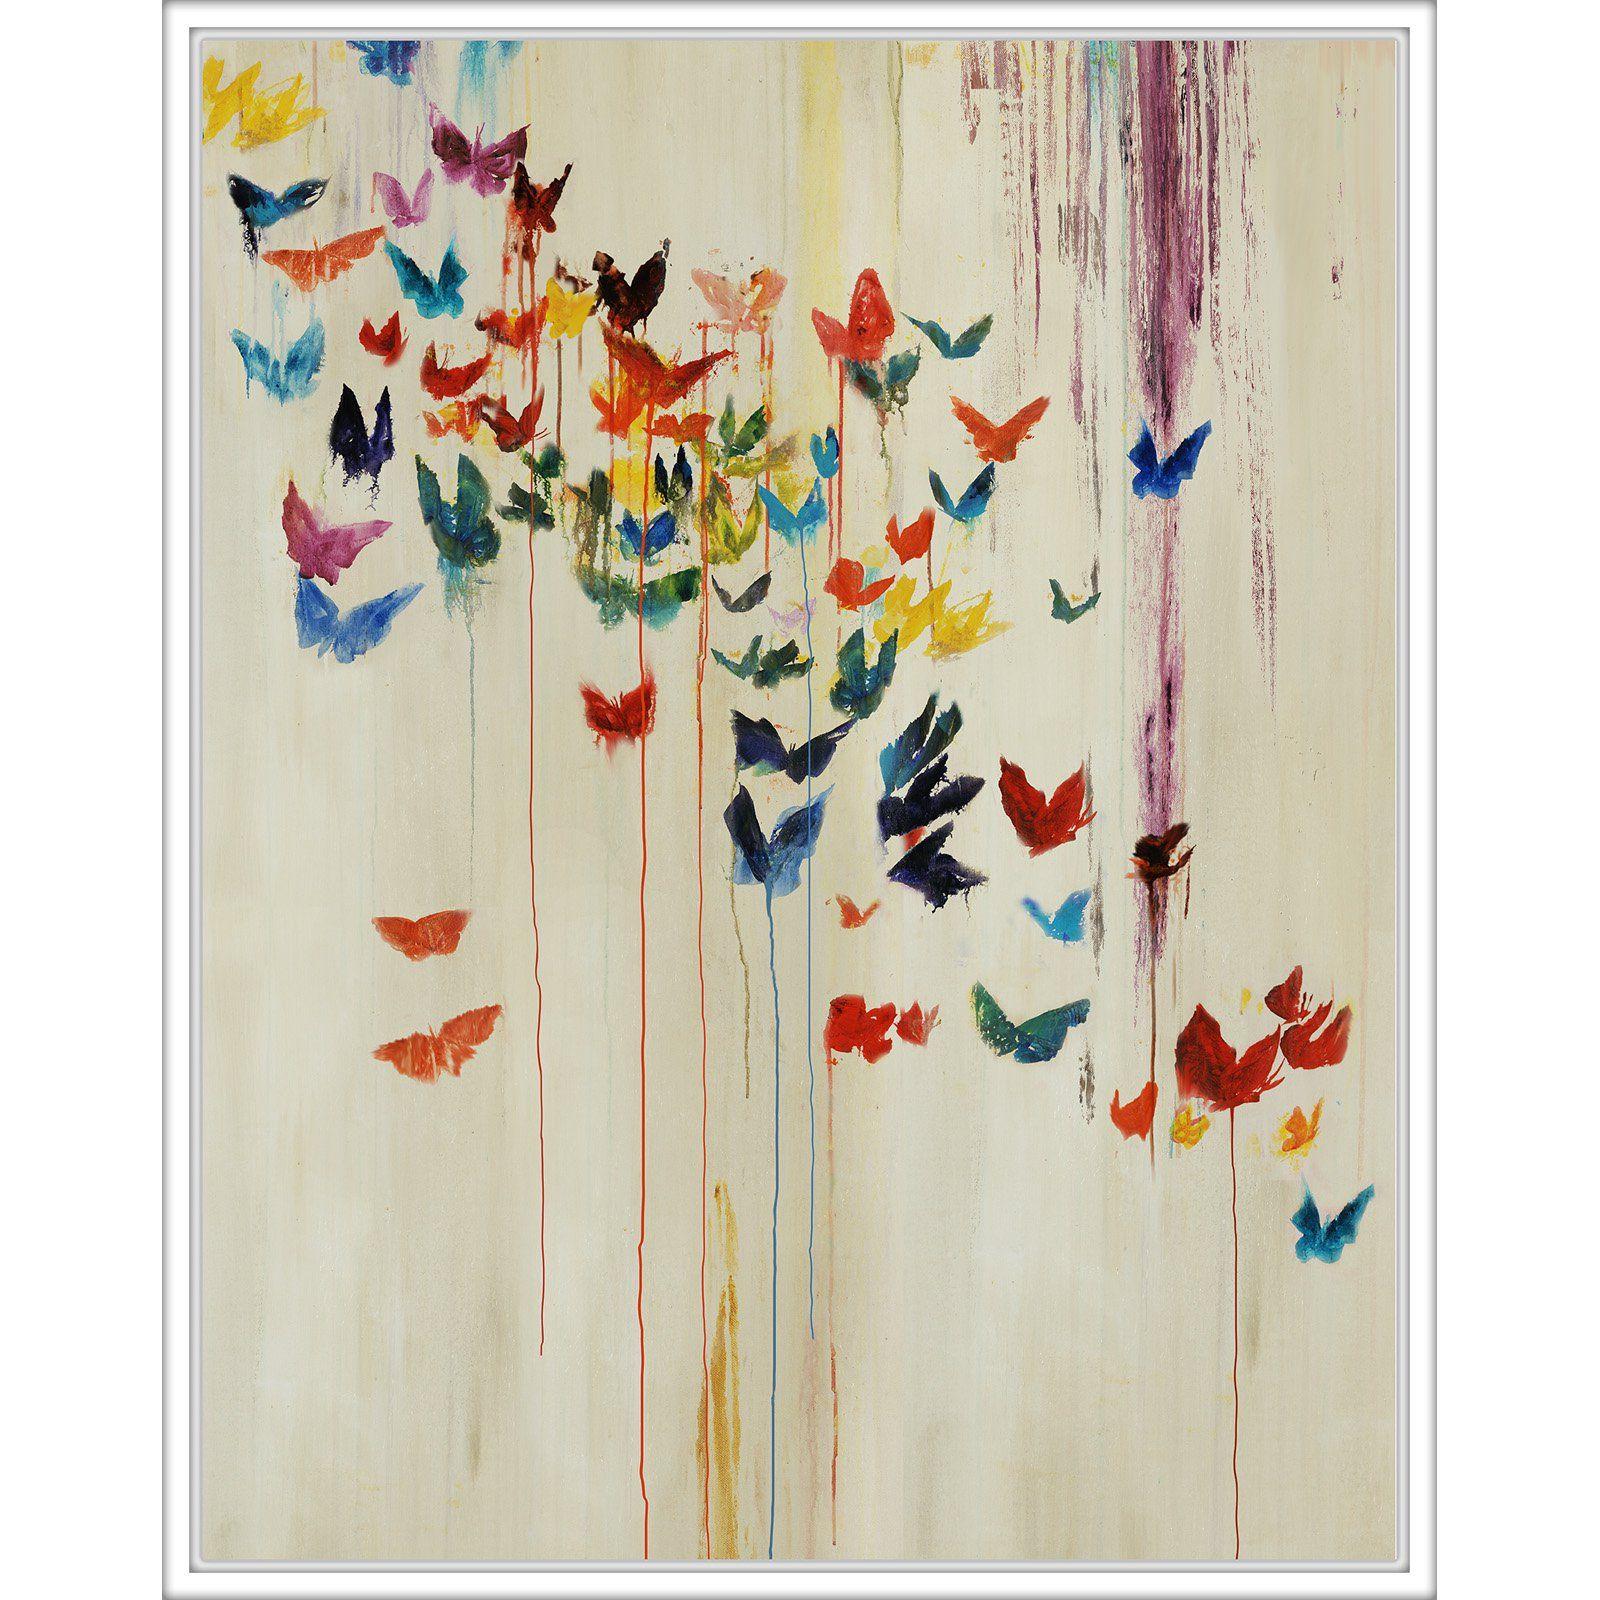 Ptm Images Rainbow Butterflies Wall Art Butterfly Wall Art Rainbow Butterfly Wall Colorful Butterflies Art